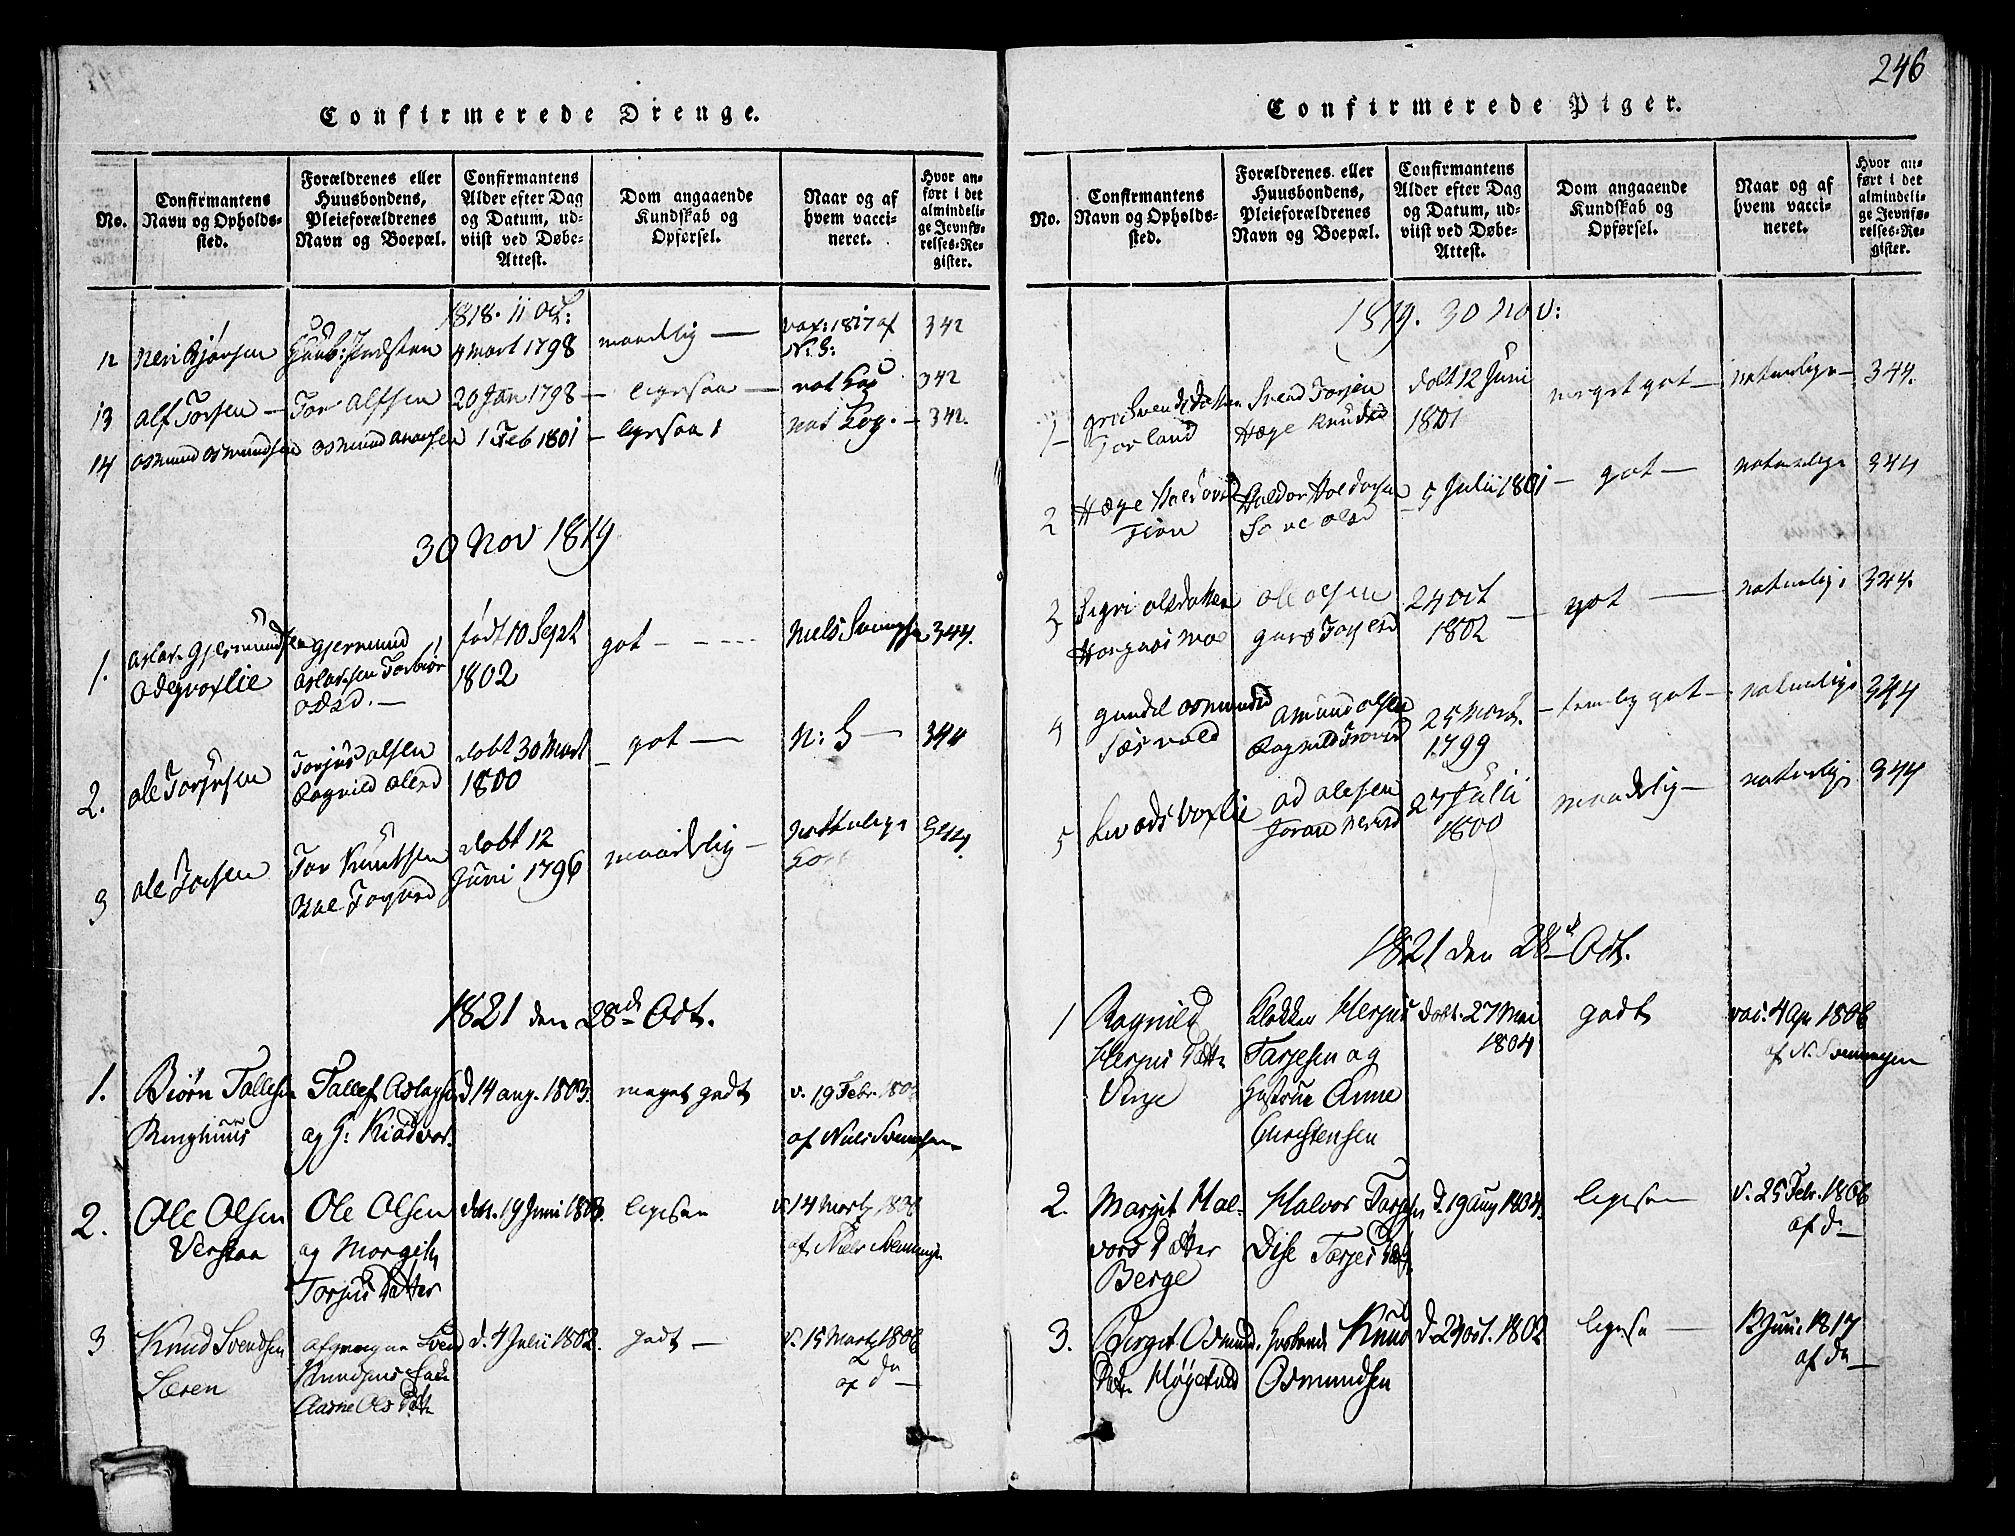 SAKO, Vinje kirkebøker, G/Ga/L0001: Klokkerbok nr. I 1, 1814-1843, s. 246